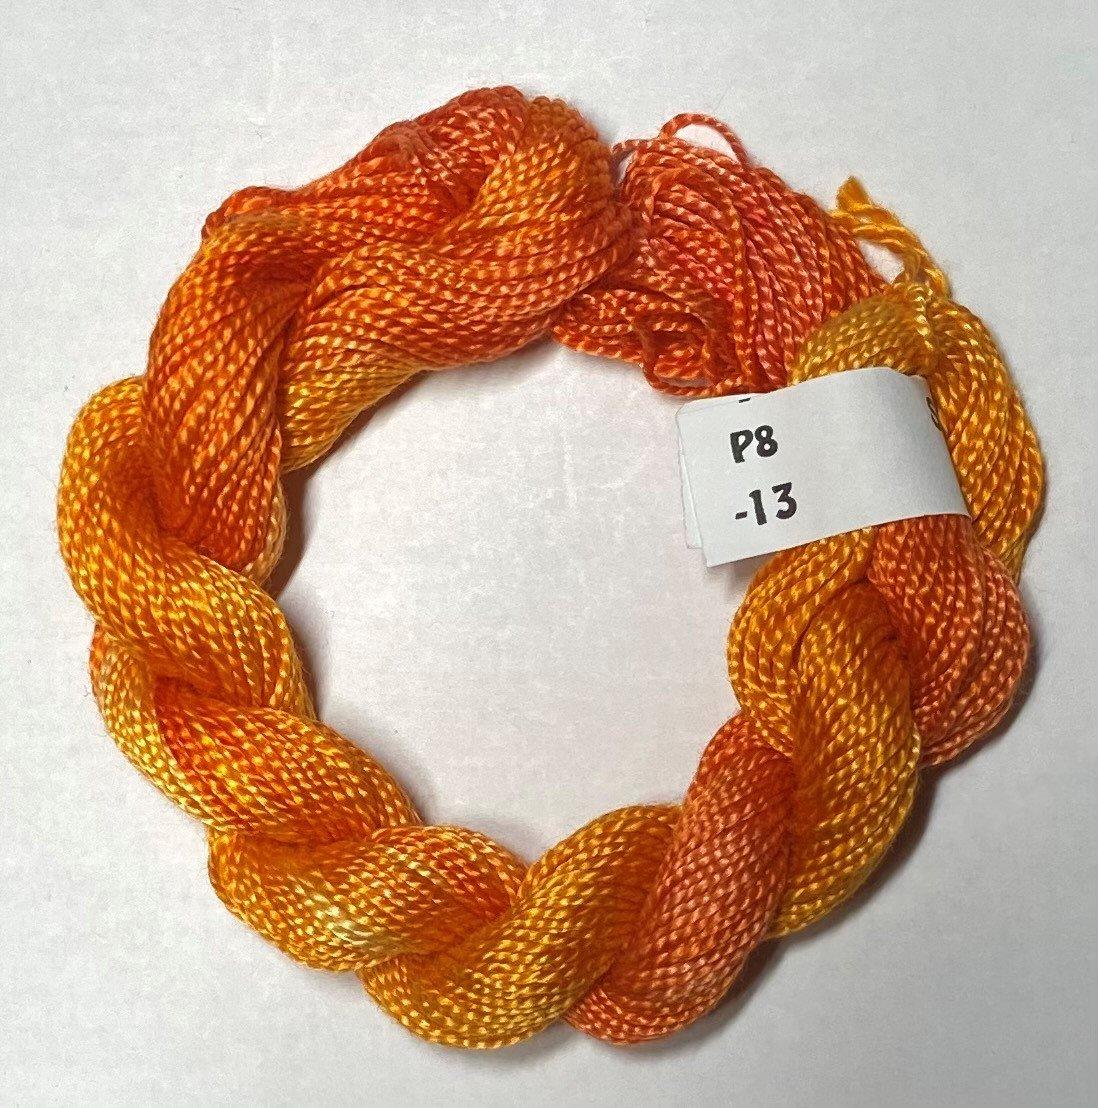 #8 Perle Cotton Oranges